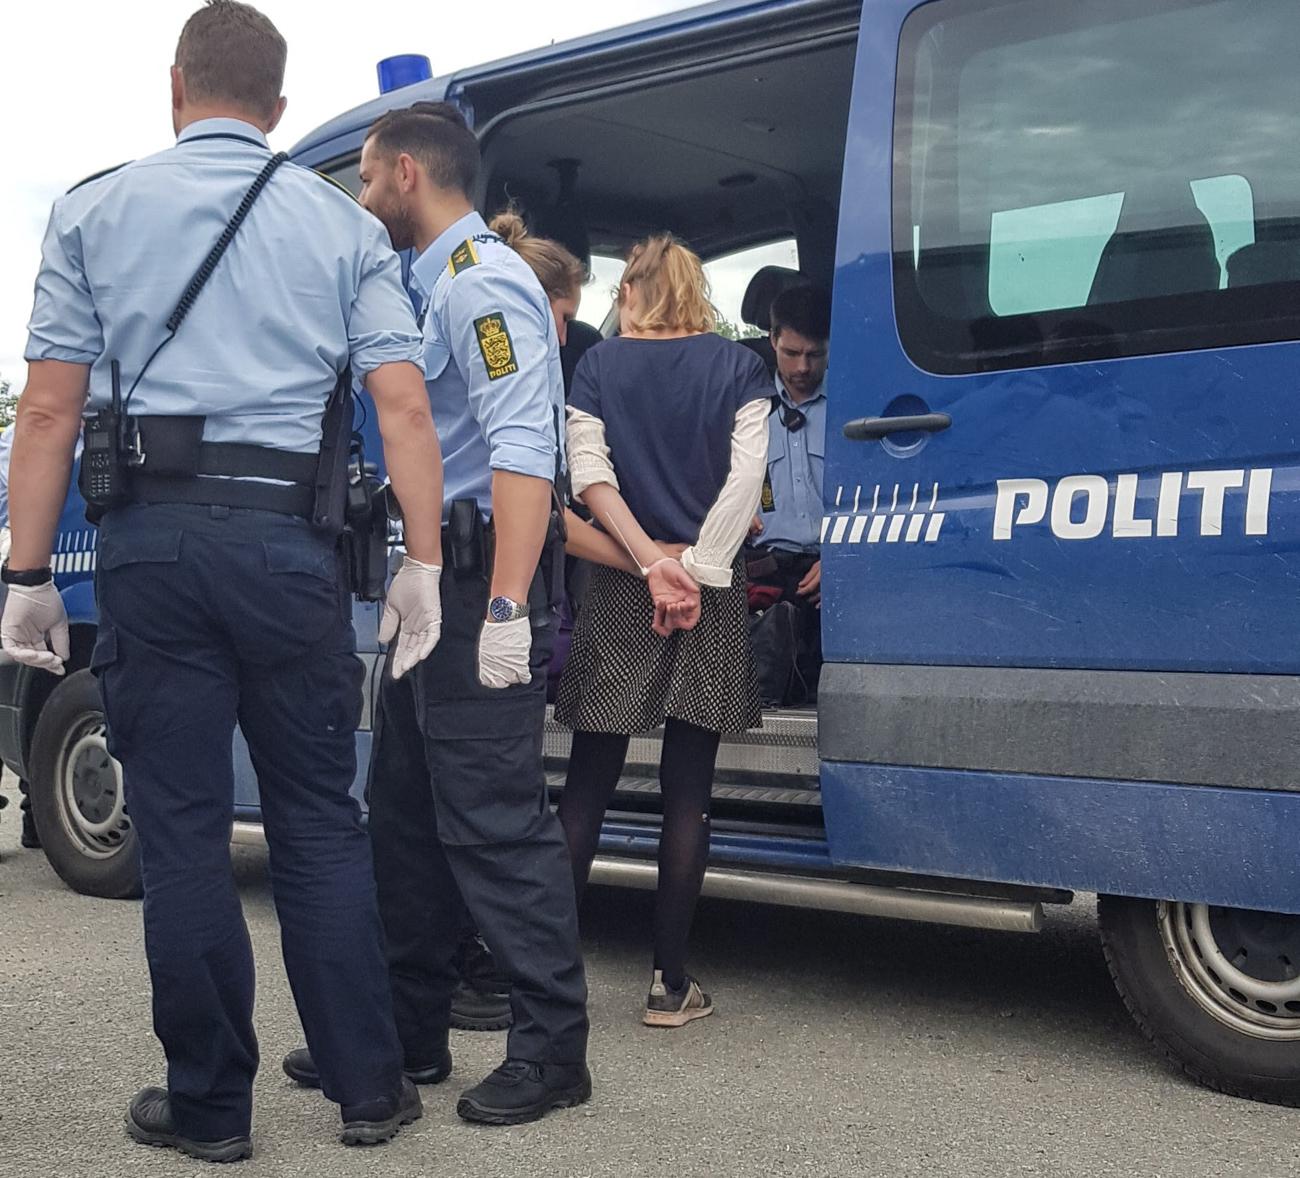 Civil ulydighedsaktion: 11 anholdt under blokade af oliehavnen i Aarhus